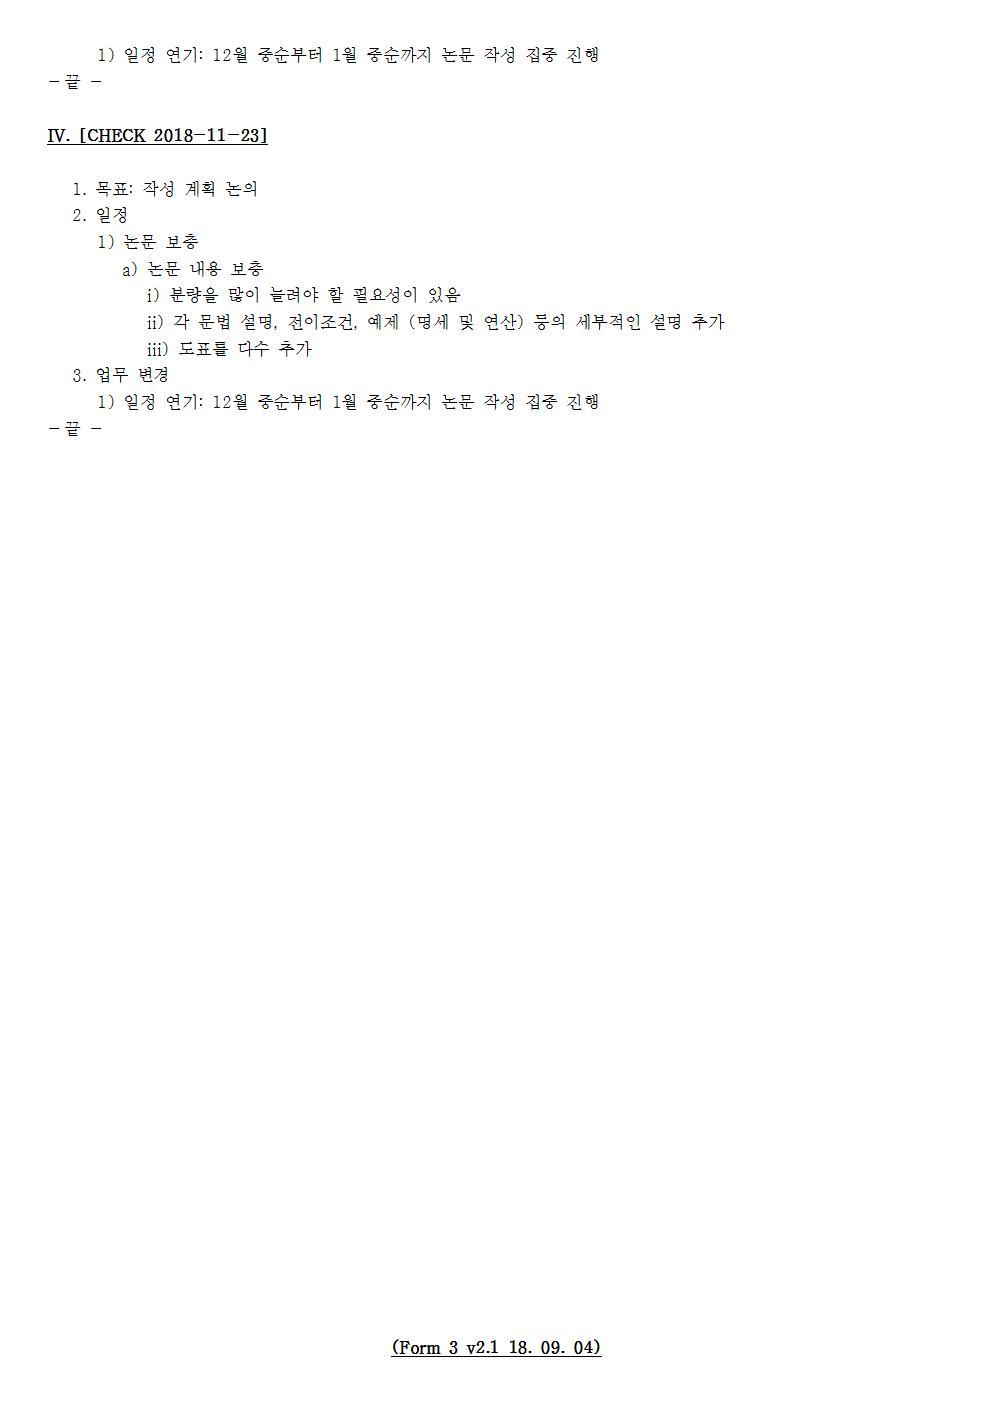 D-[18-009-PP-03]-[Choice]-[2018-11-23][YB]002.jpg